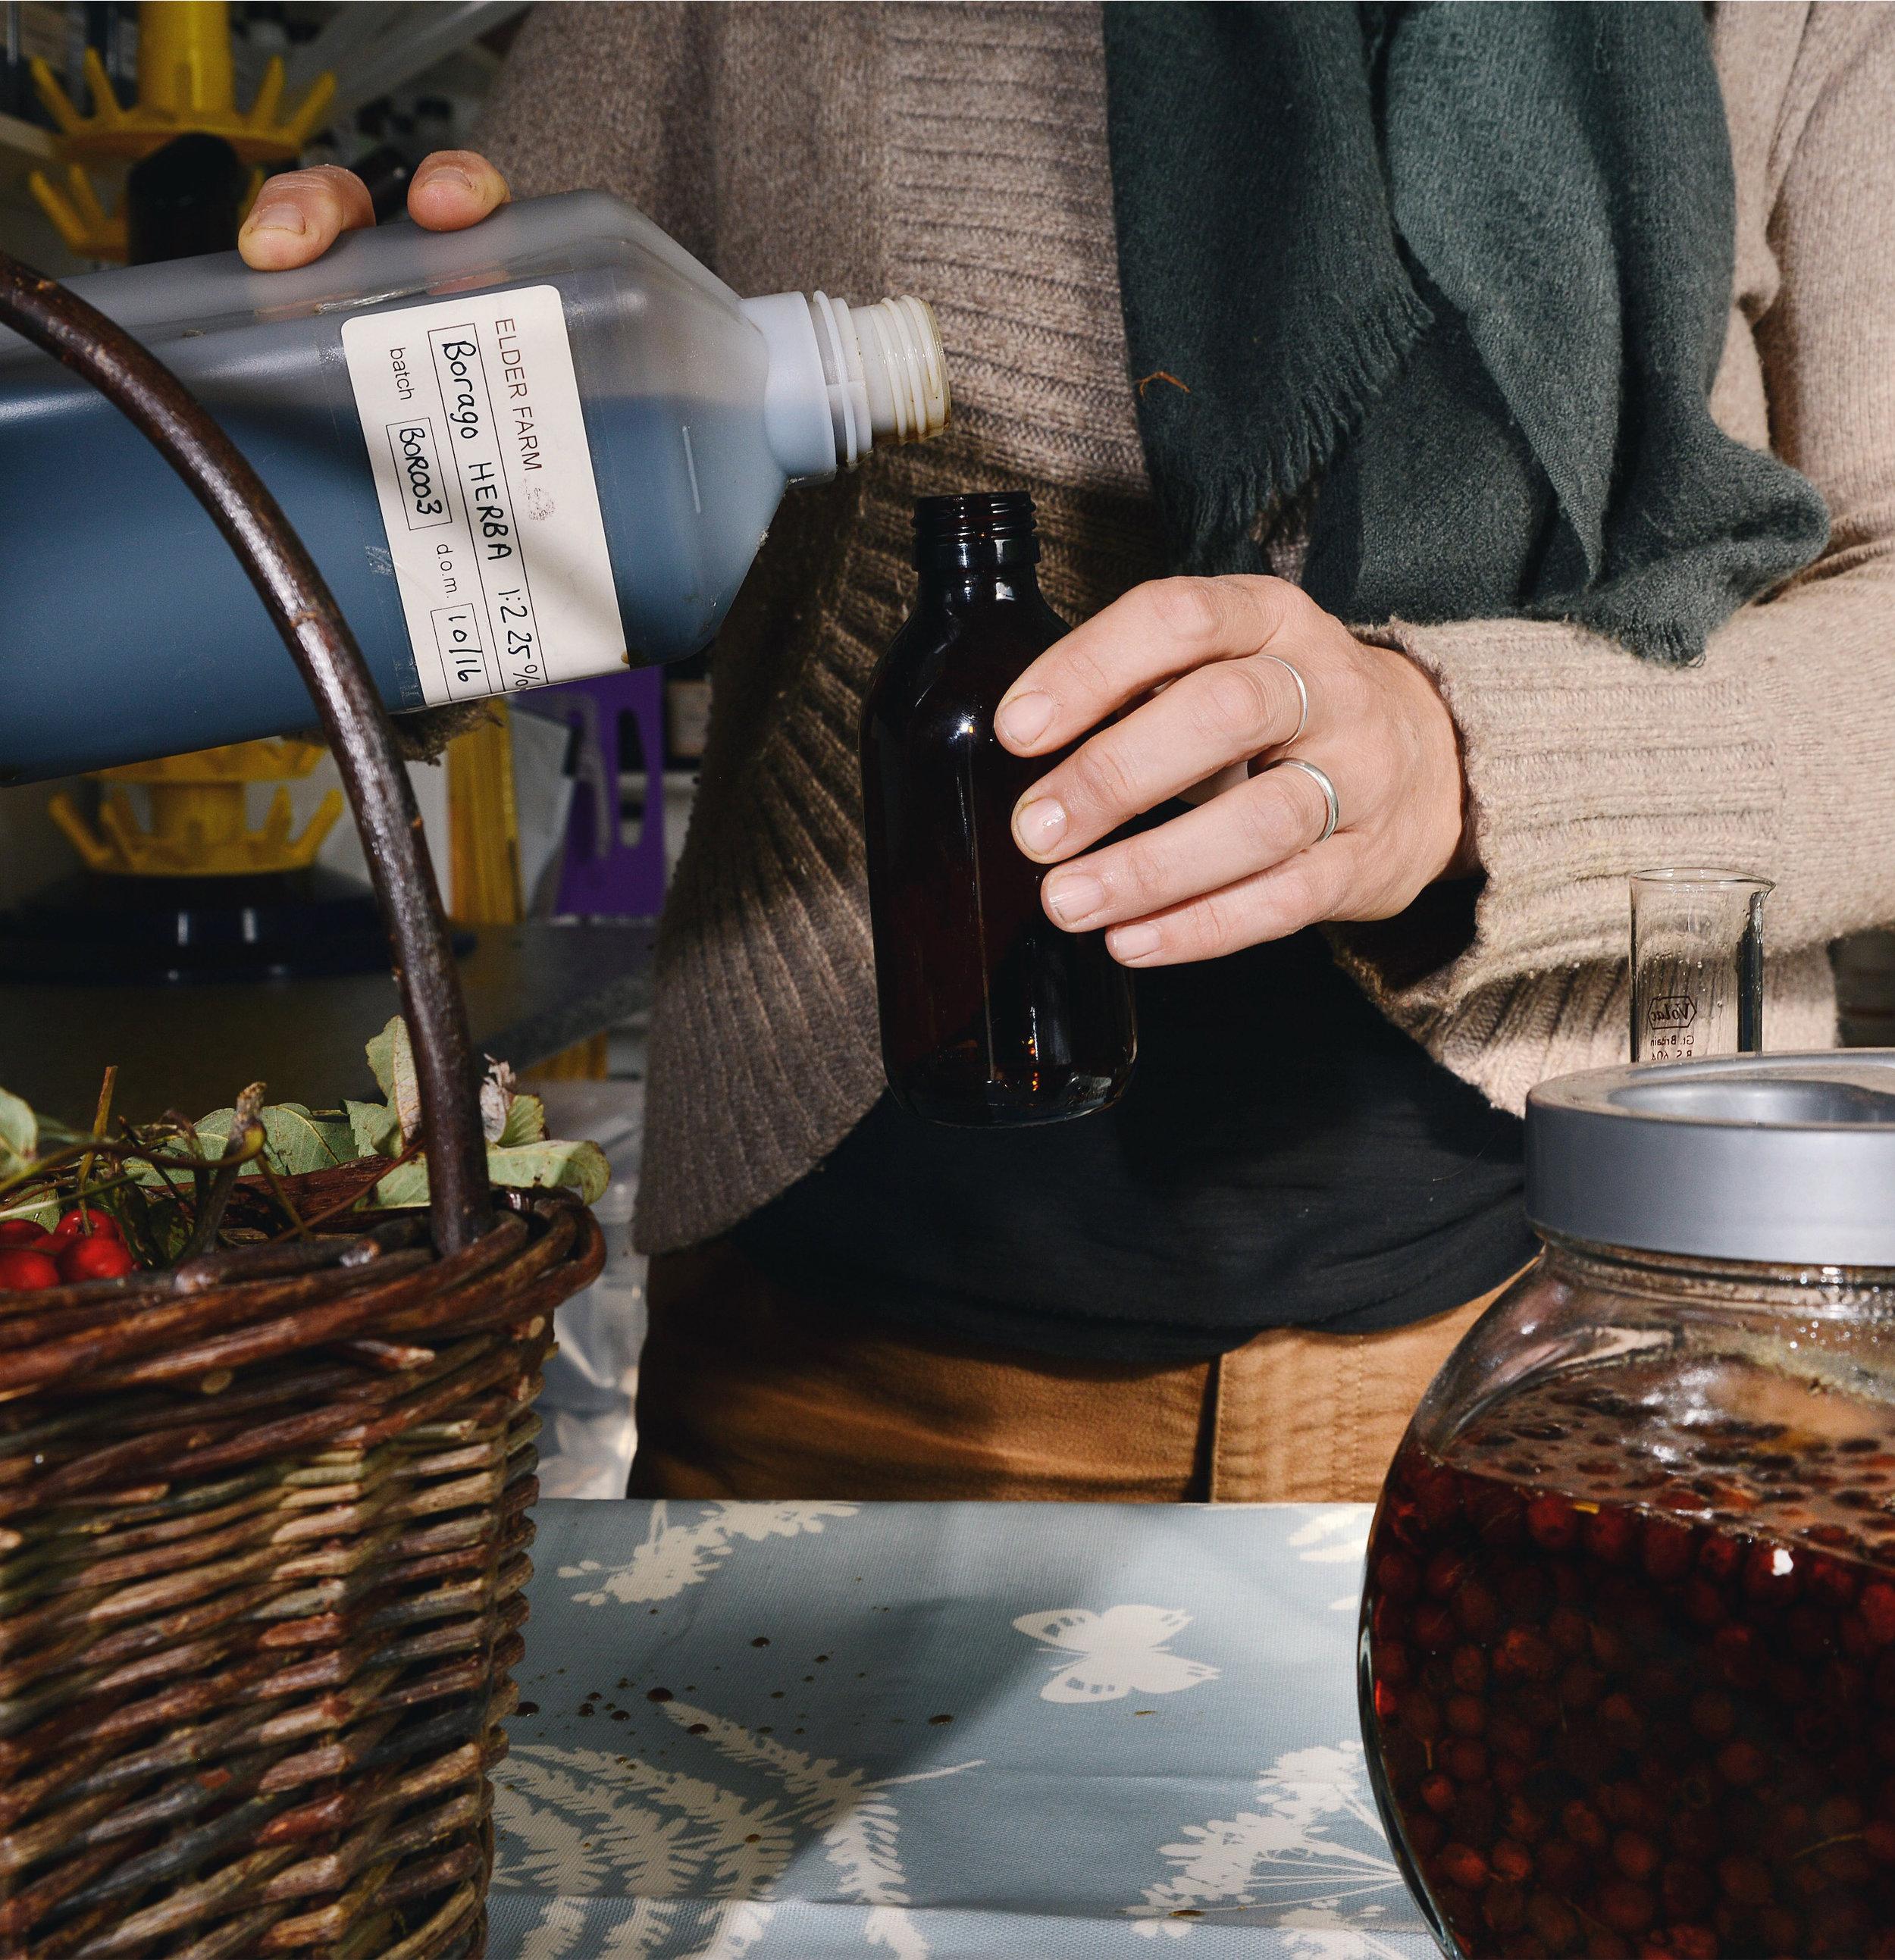 elder-farm-medicinal-herb-dispensary.jpg